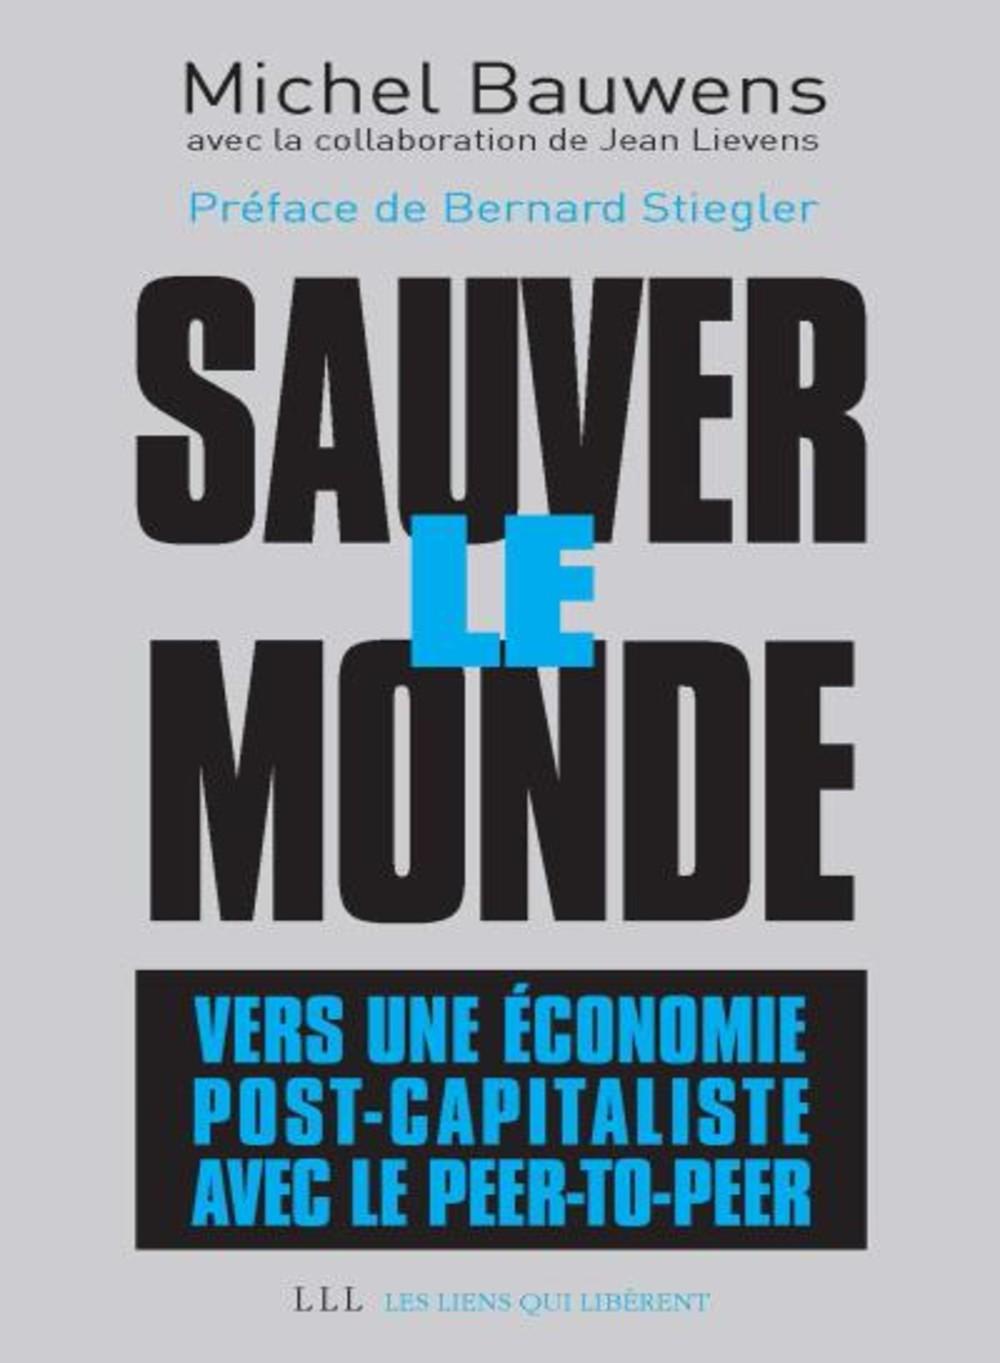 Vers une économie post-capitaliste ?